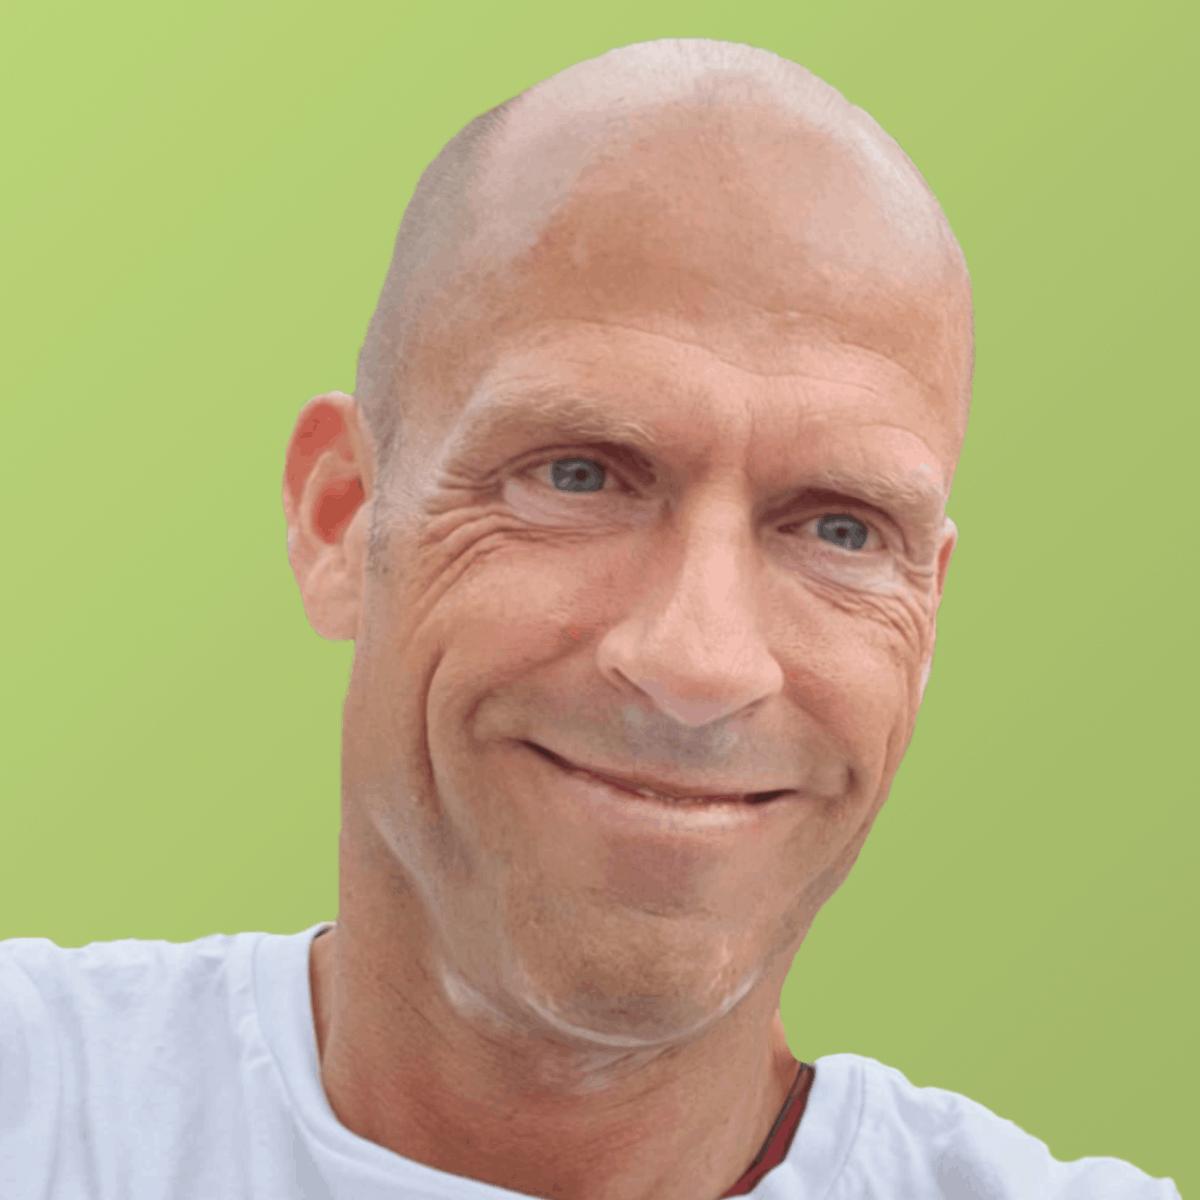 Dirk Heilenmann, Energetischer Heiler in Lüneburg